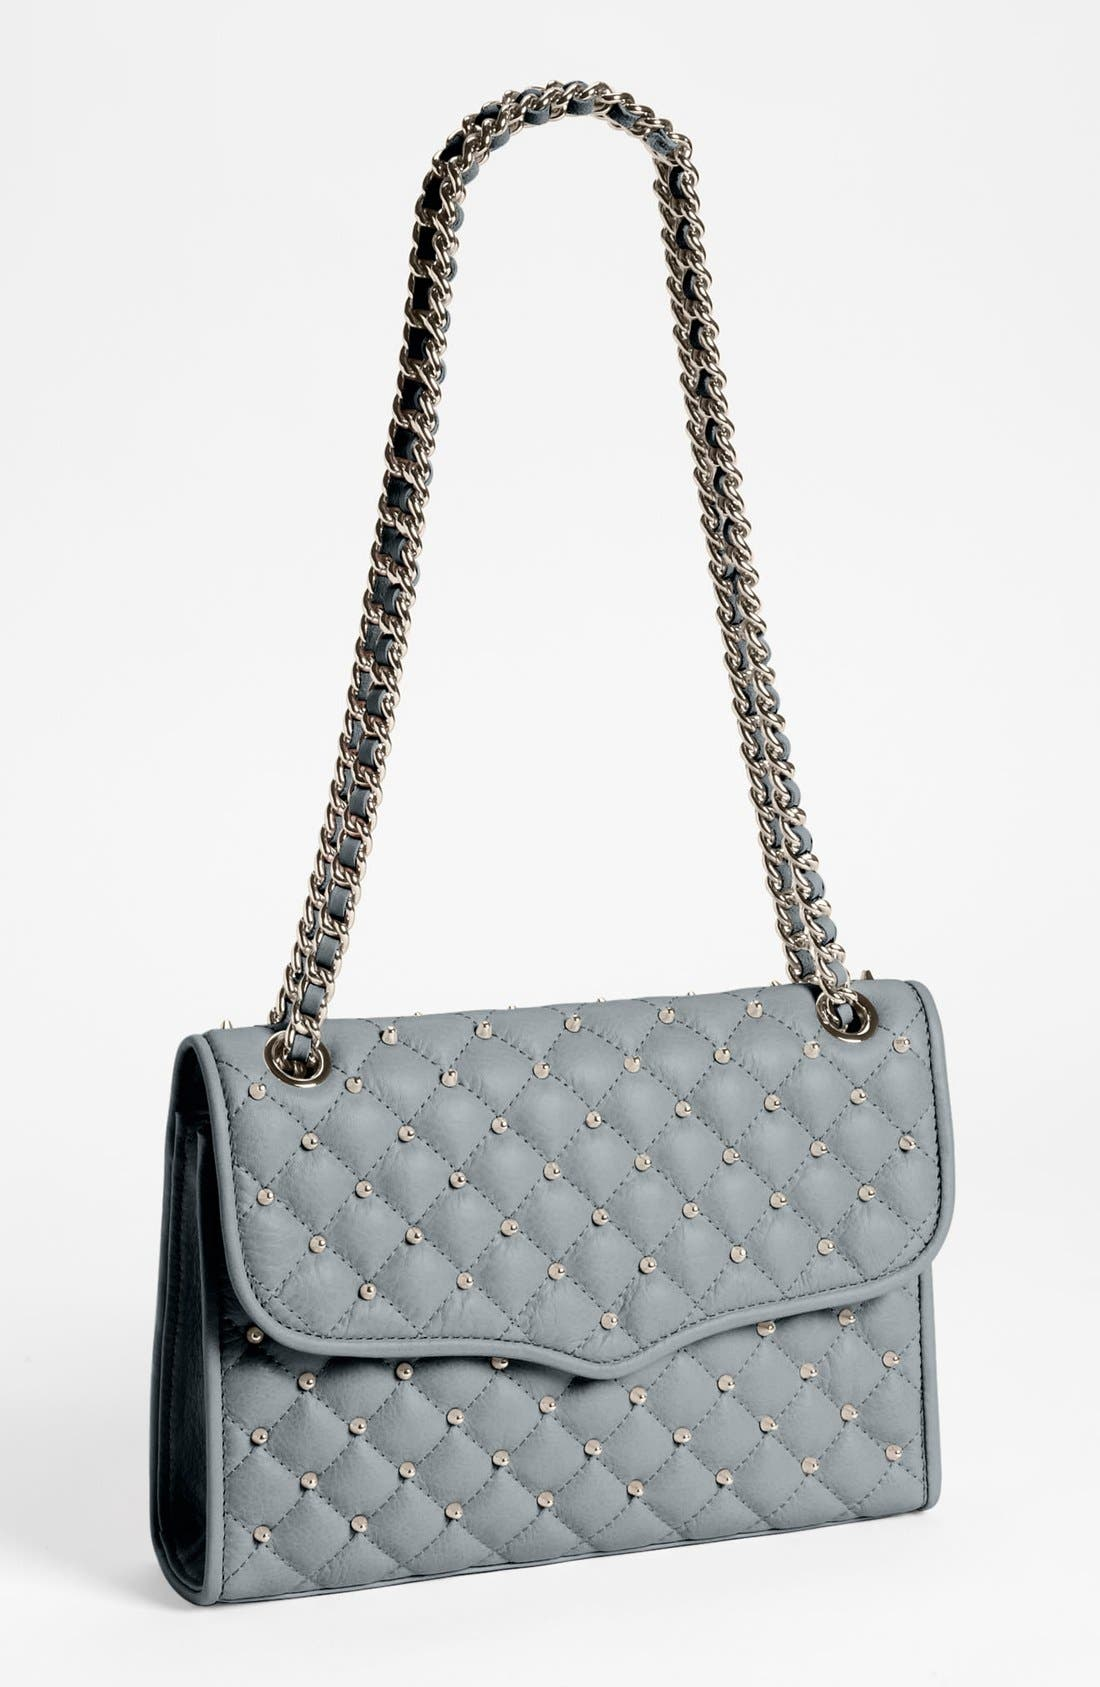 Main Image - Rebecca Minkoff 'Affair' Leather Shoulder Bag